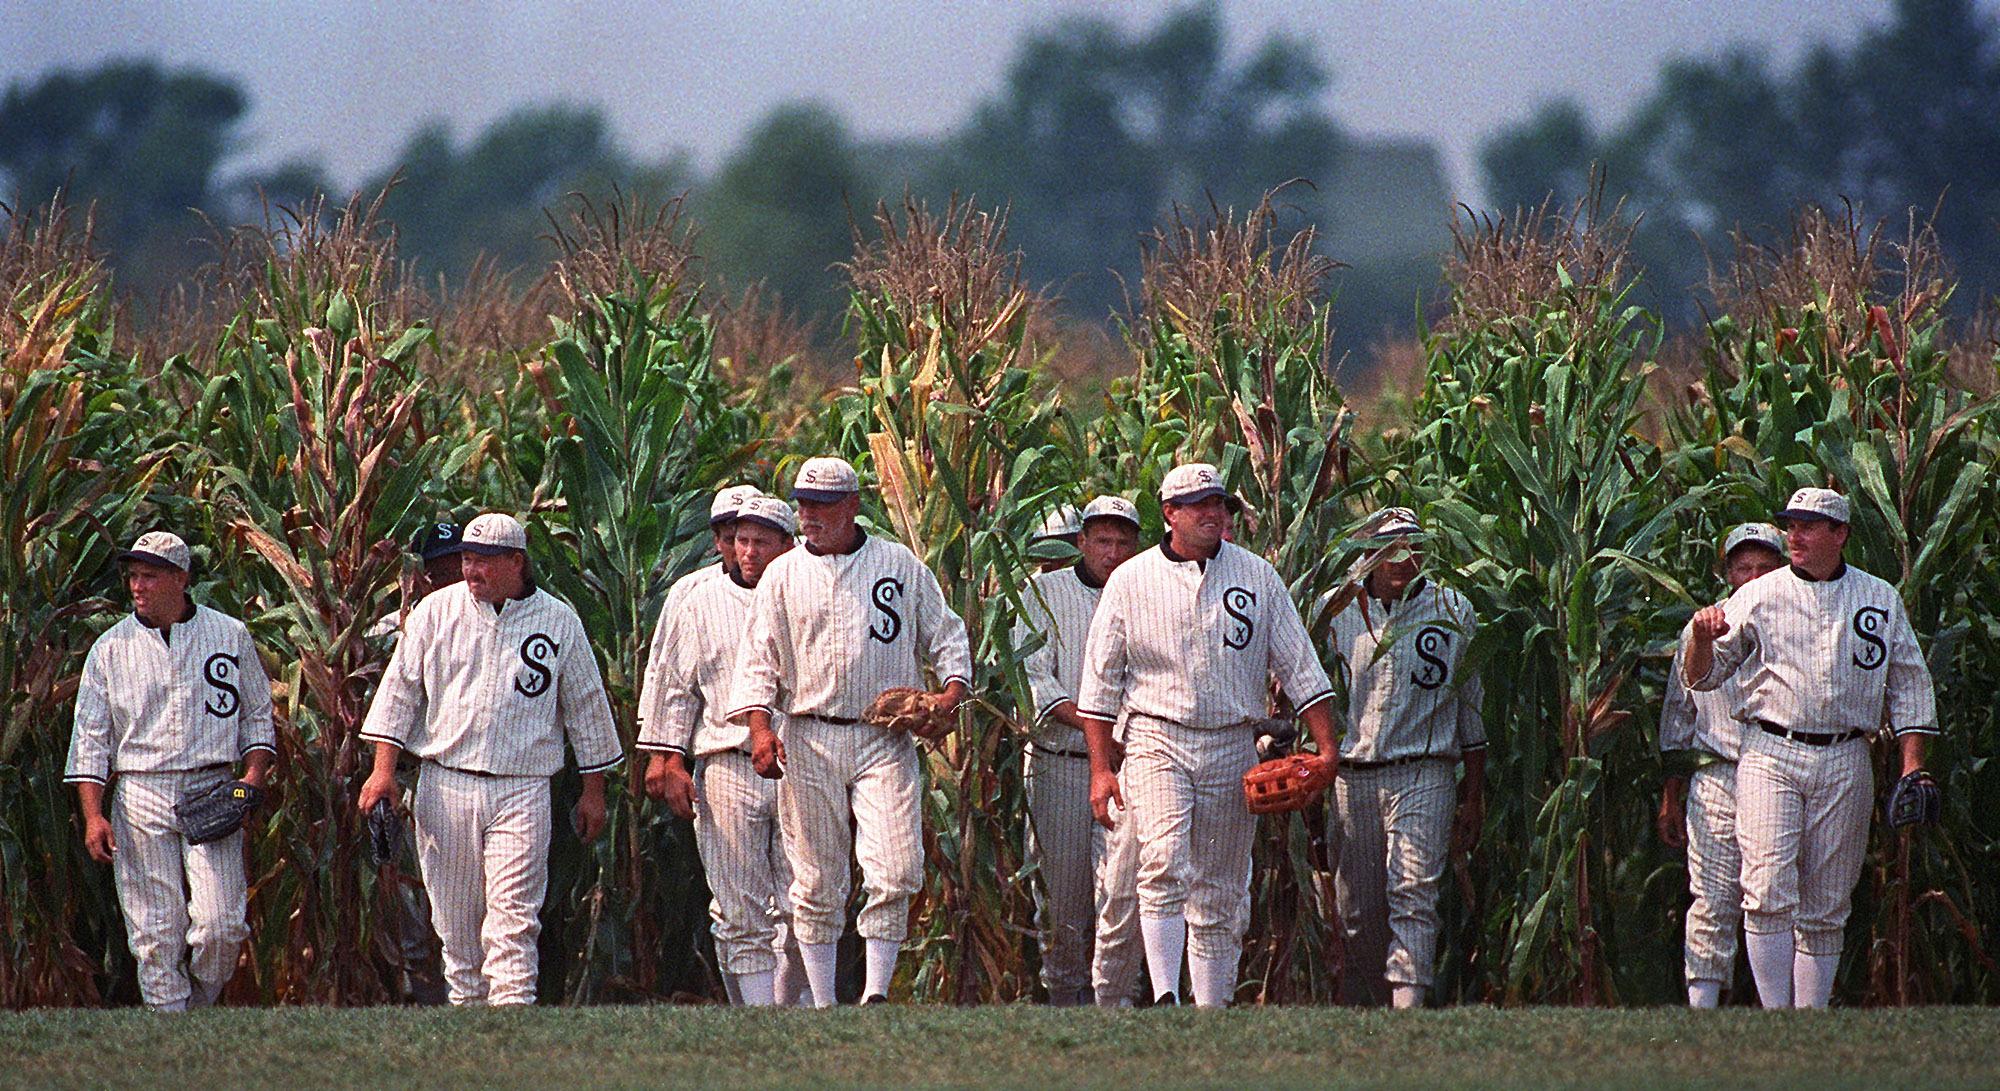 WKTY'S MATT SKRADIE: My all-time baseball movie lineup